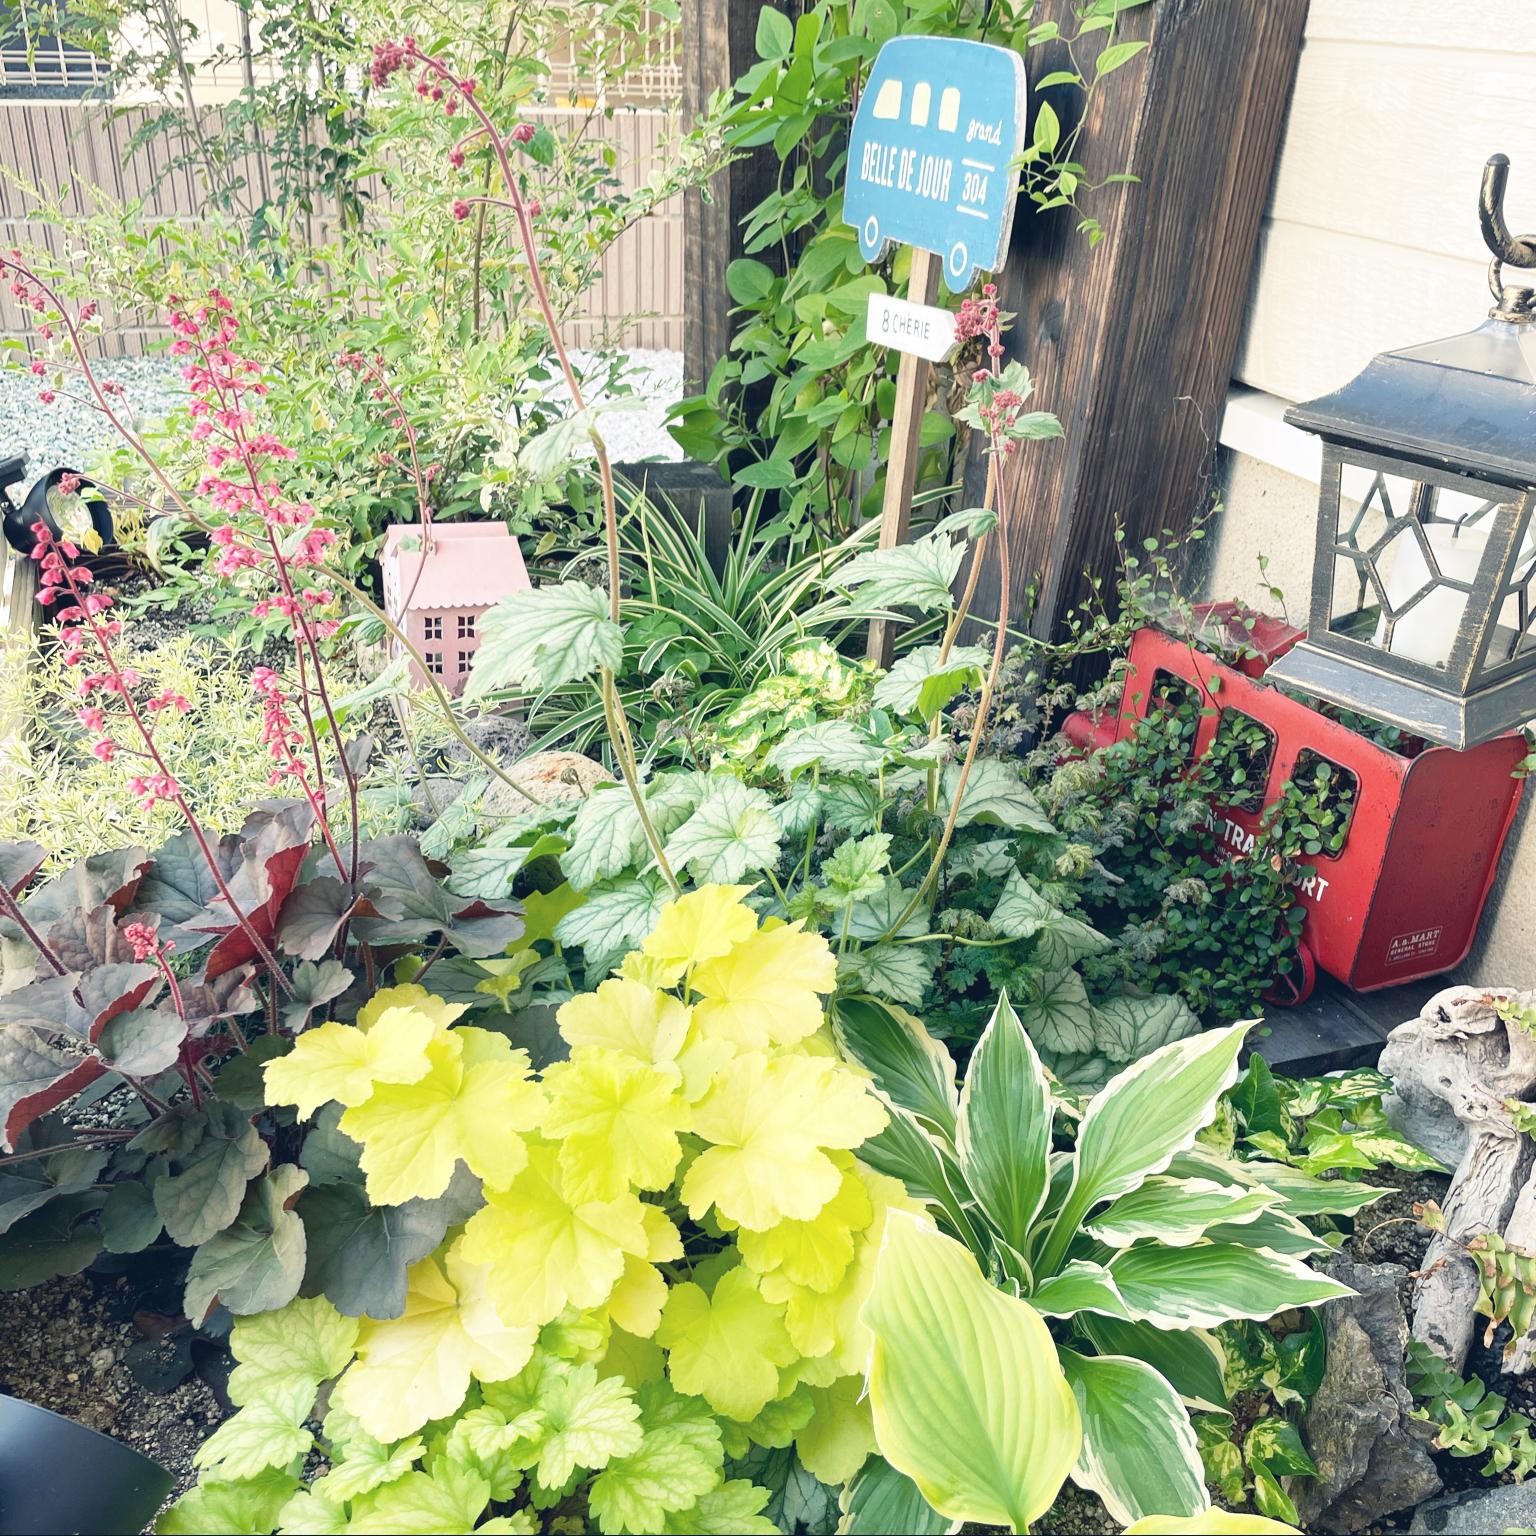 流木/ガーデン雑貨/植物のある暮らし/ぐりーんと暮らす/庭作り中...などのインテリア実例 - 2021-04-20 14:09:28